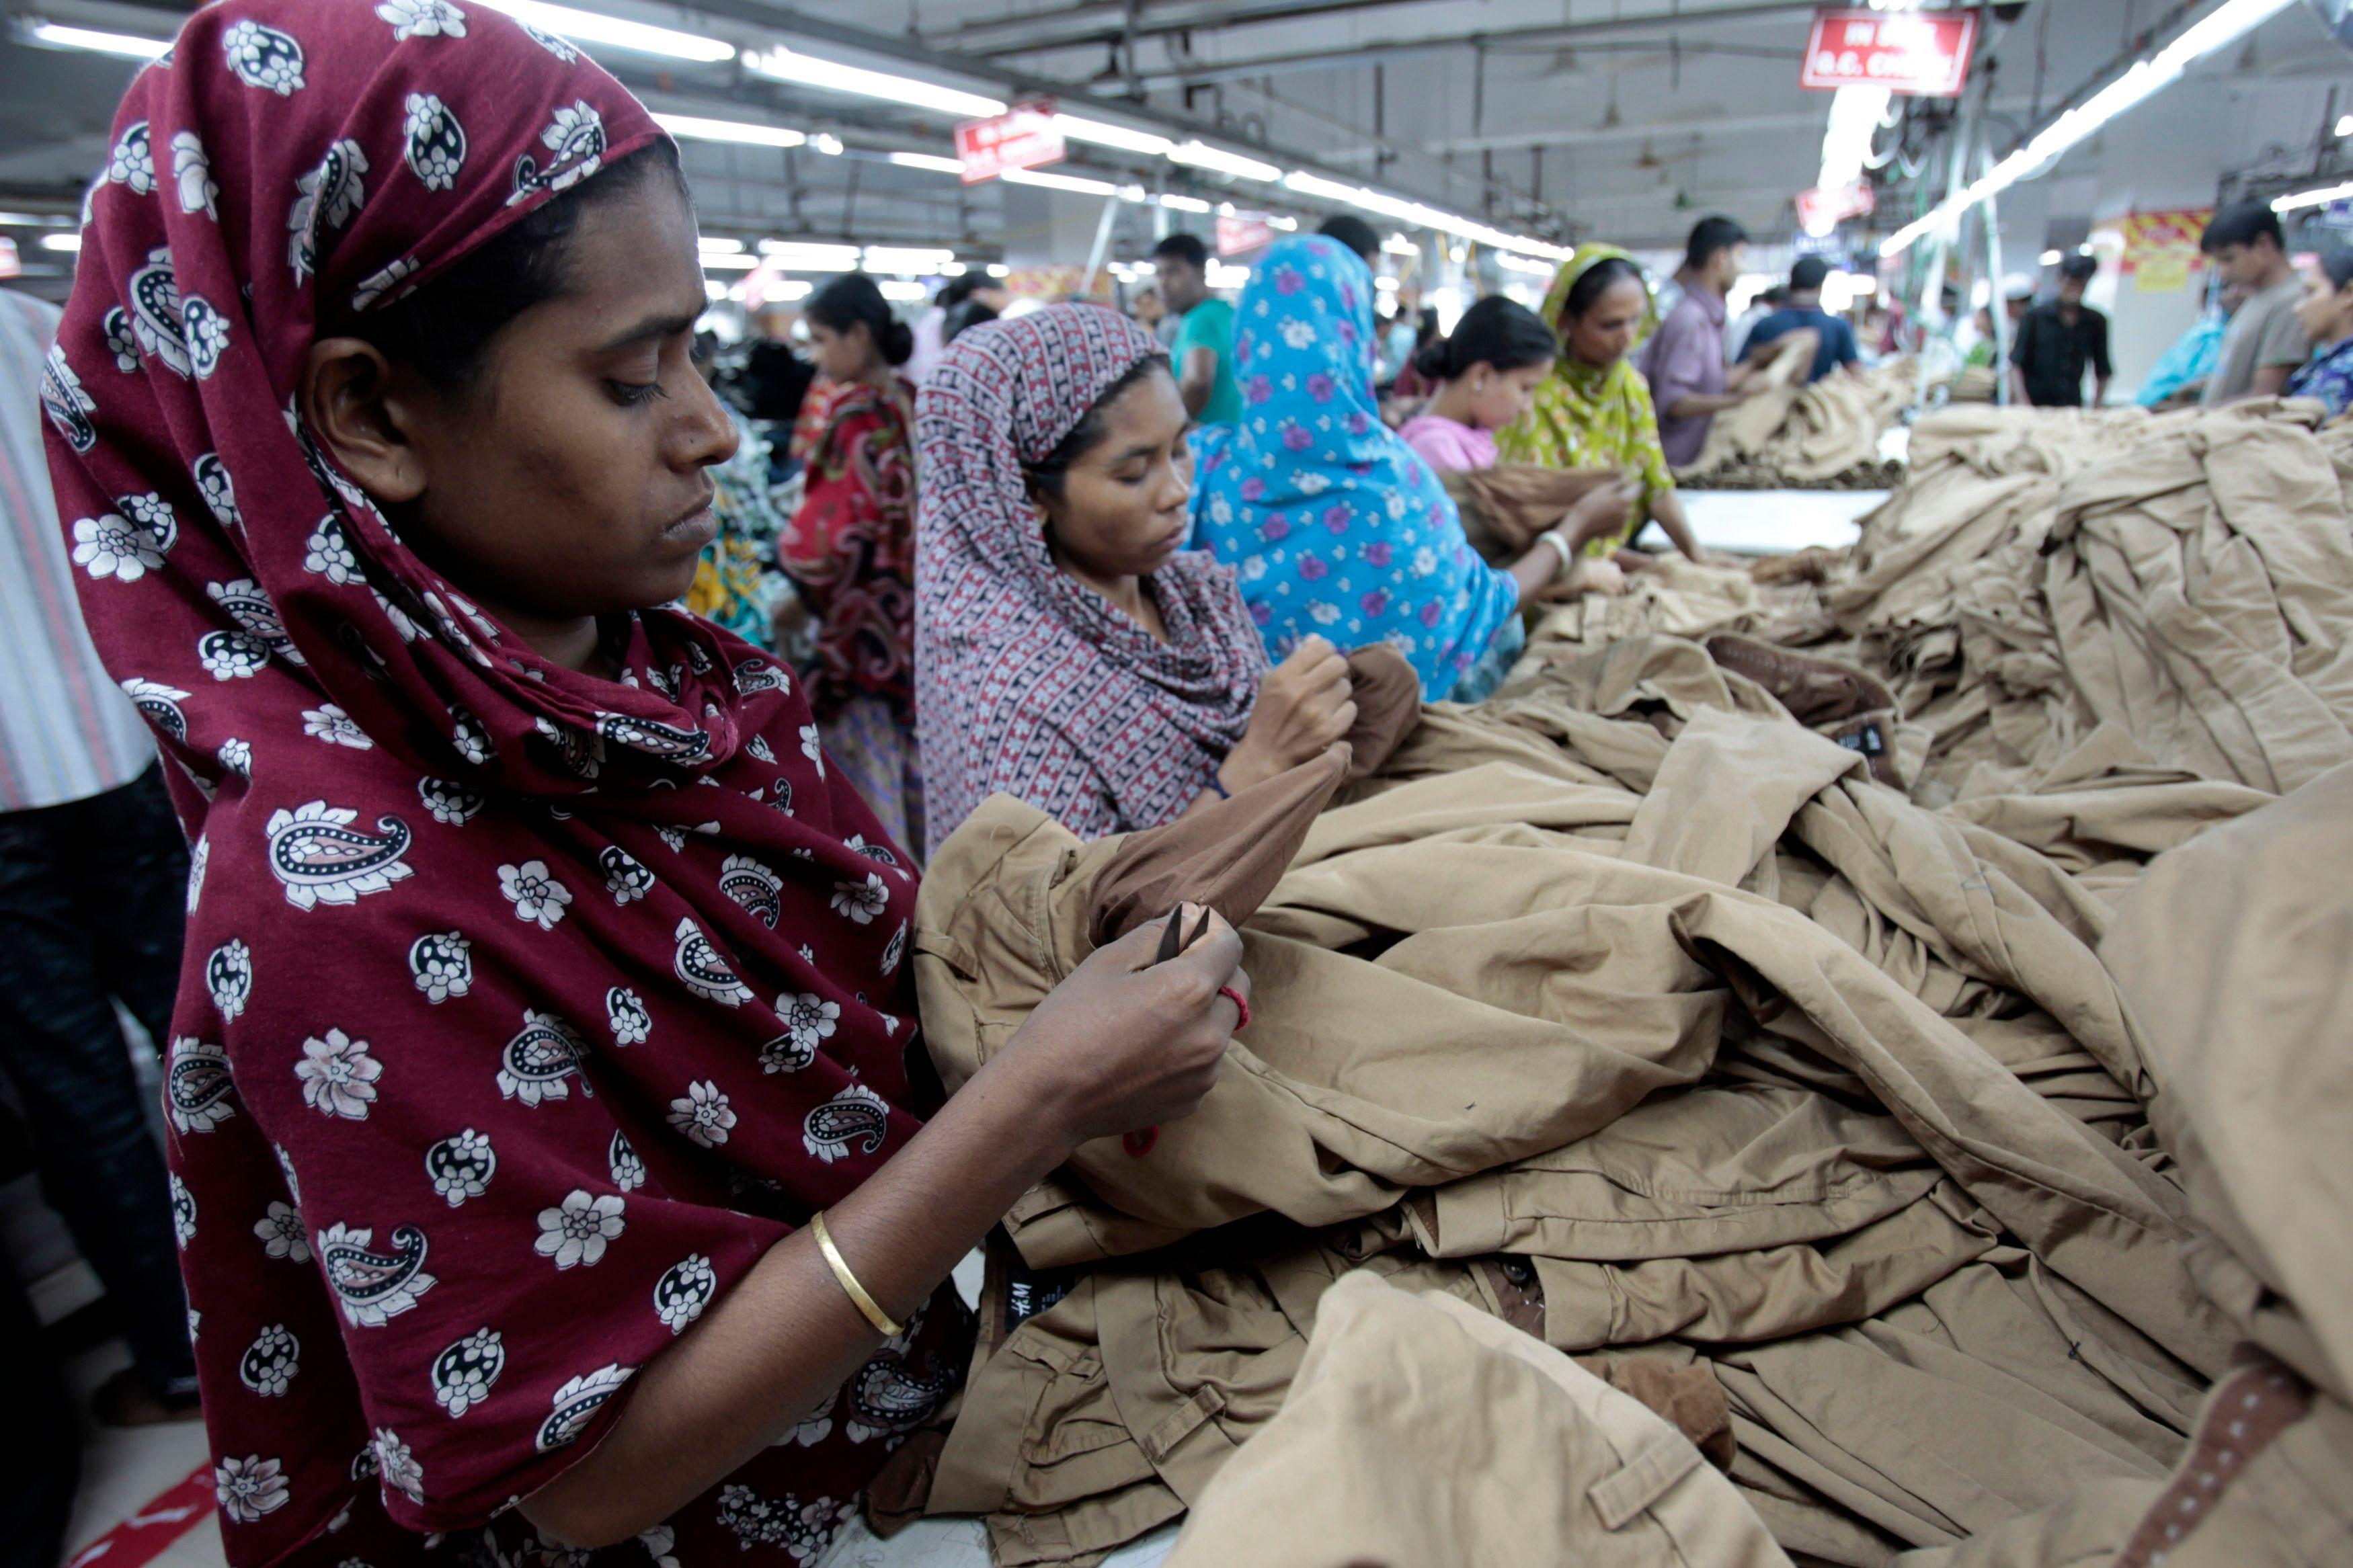 Deux ans après les 1129 morts de l'usine Rana Plaza au Bangladesh, fabricants et distributeurs textiles n'ont quasiment rien changé